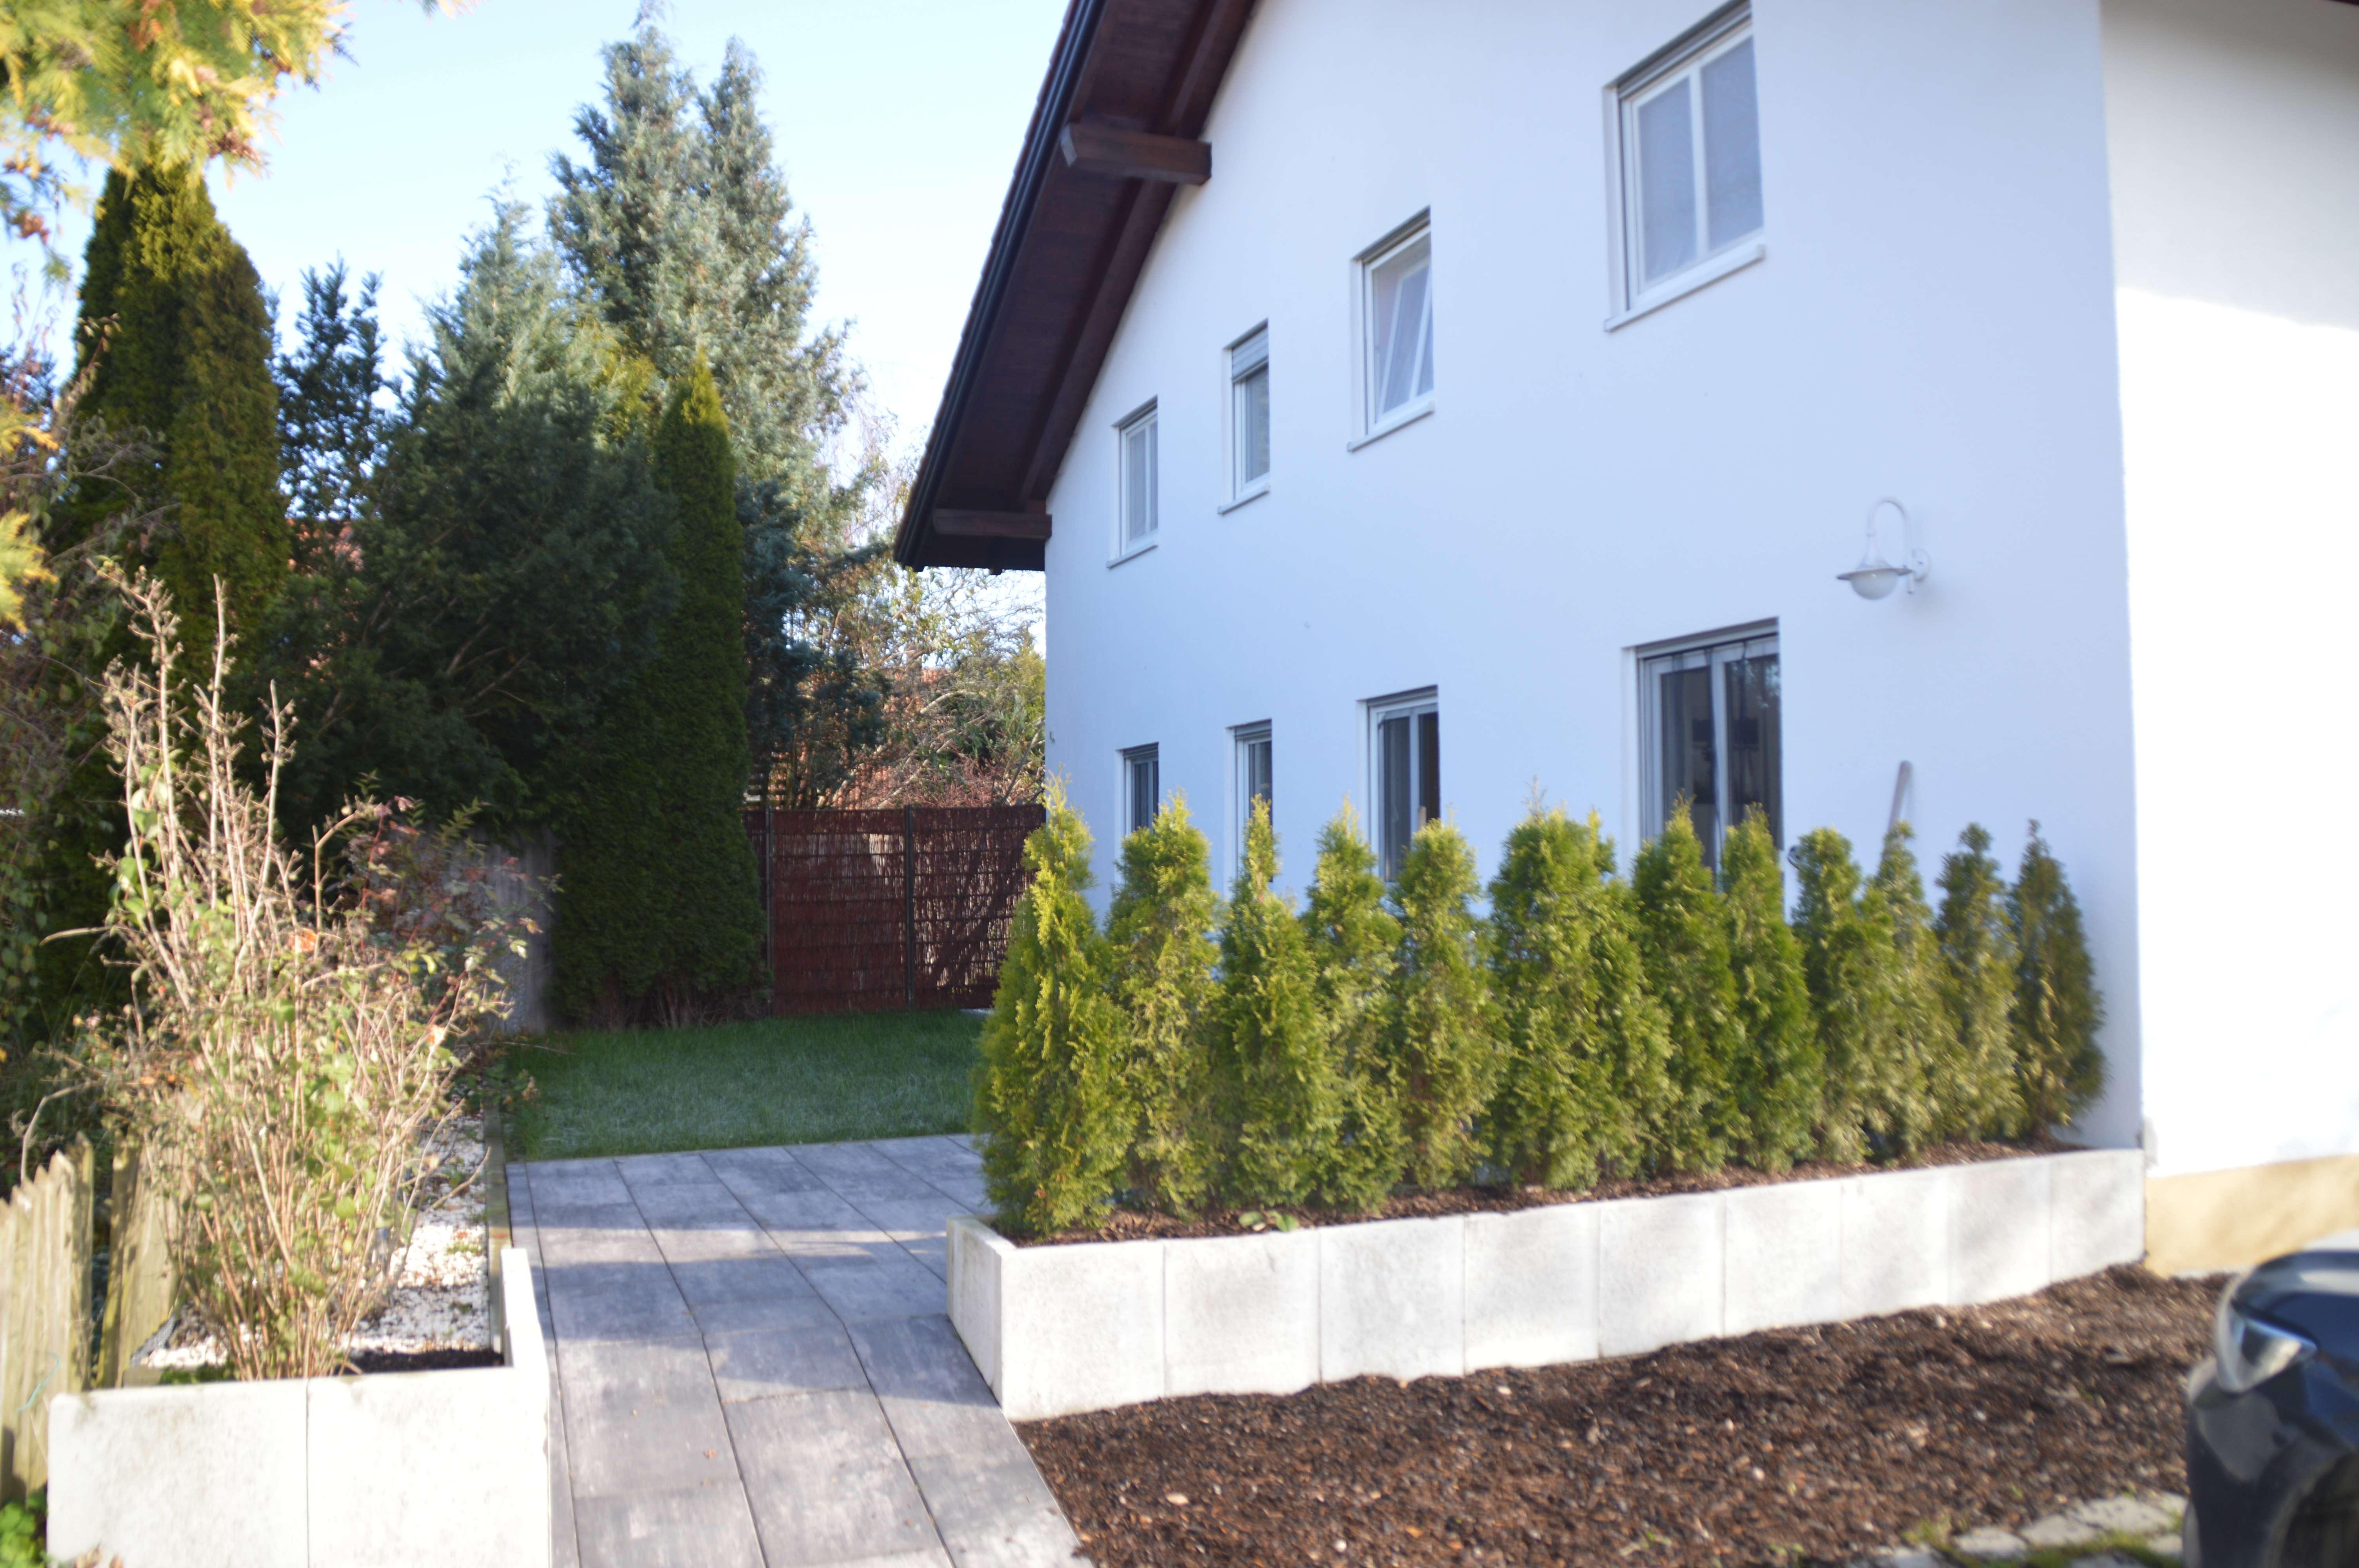 Gepflegte 2-Zimmer-Wohnung mit Terrasse und eigenem Garten in Krugzell in Altusried